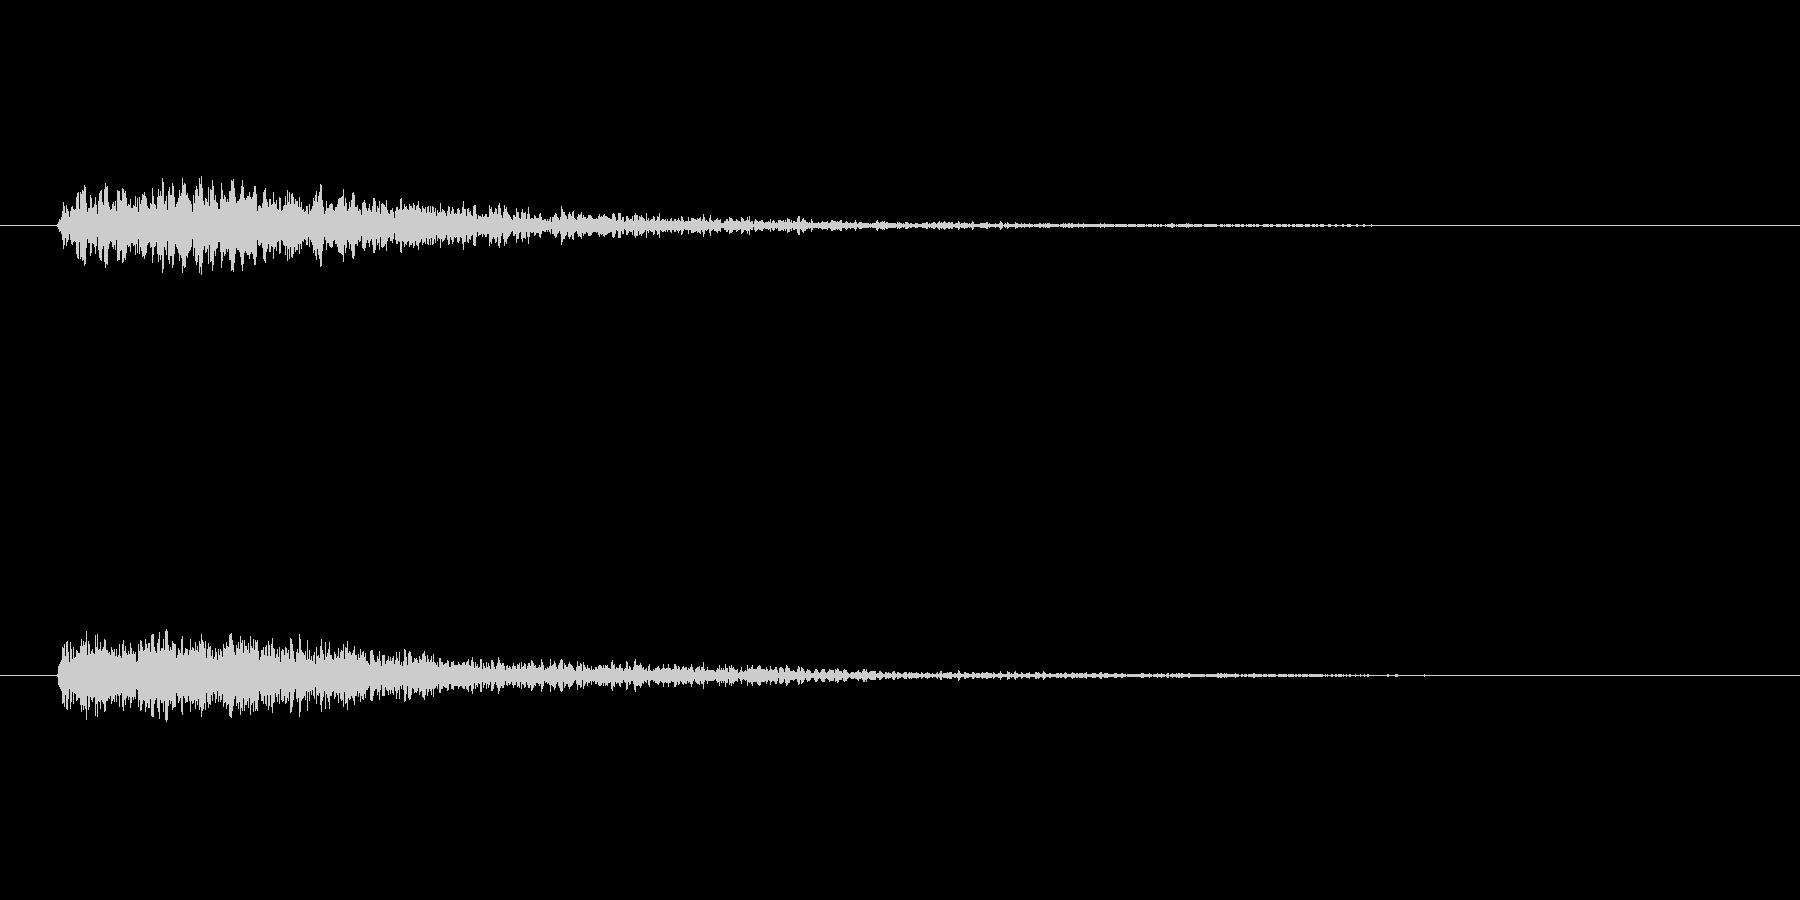 ドドーン!(重大発表とかで聴く音)の未再生の波形